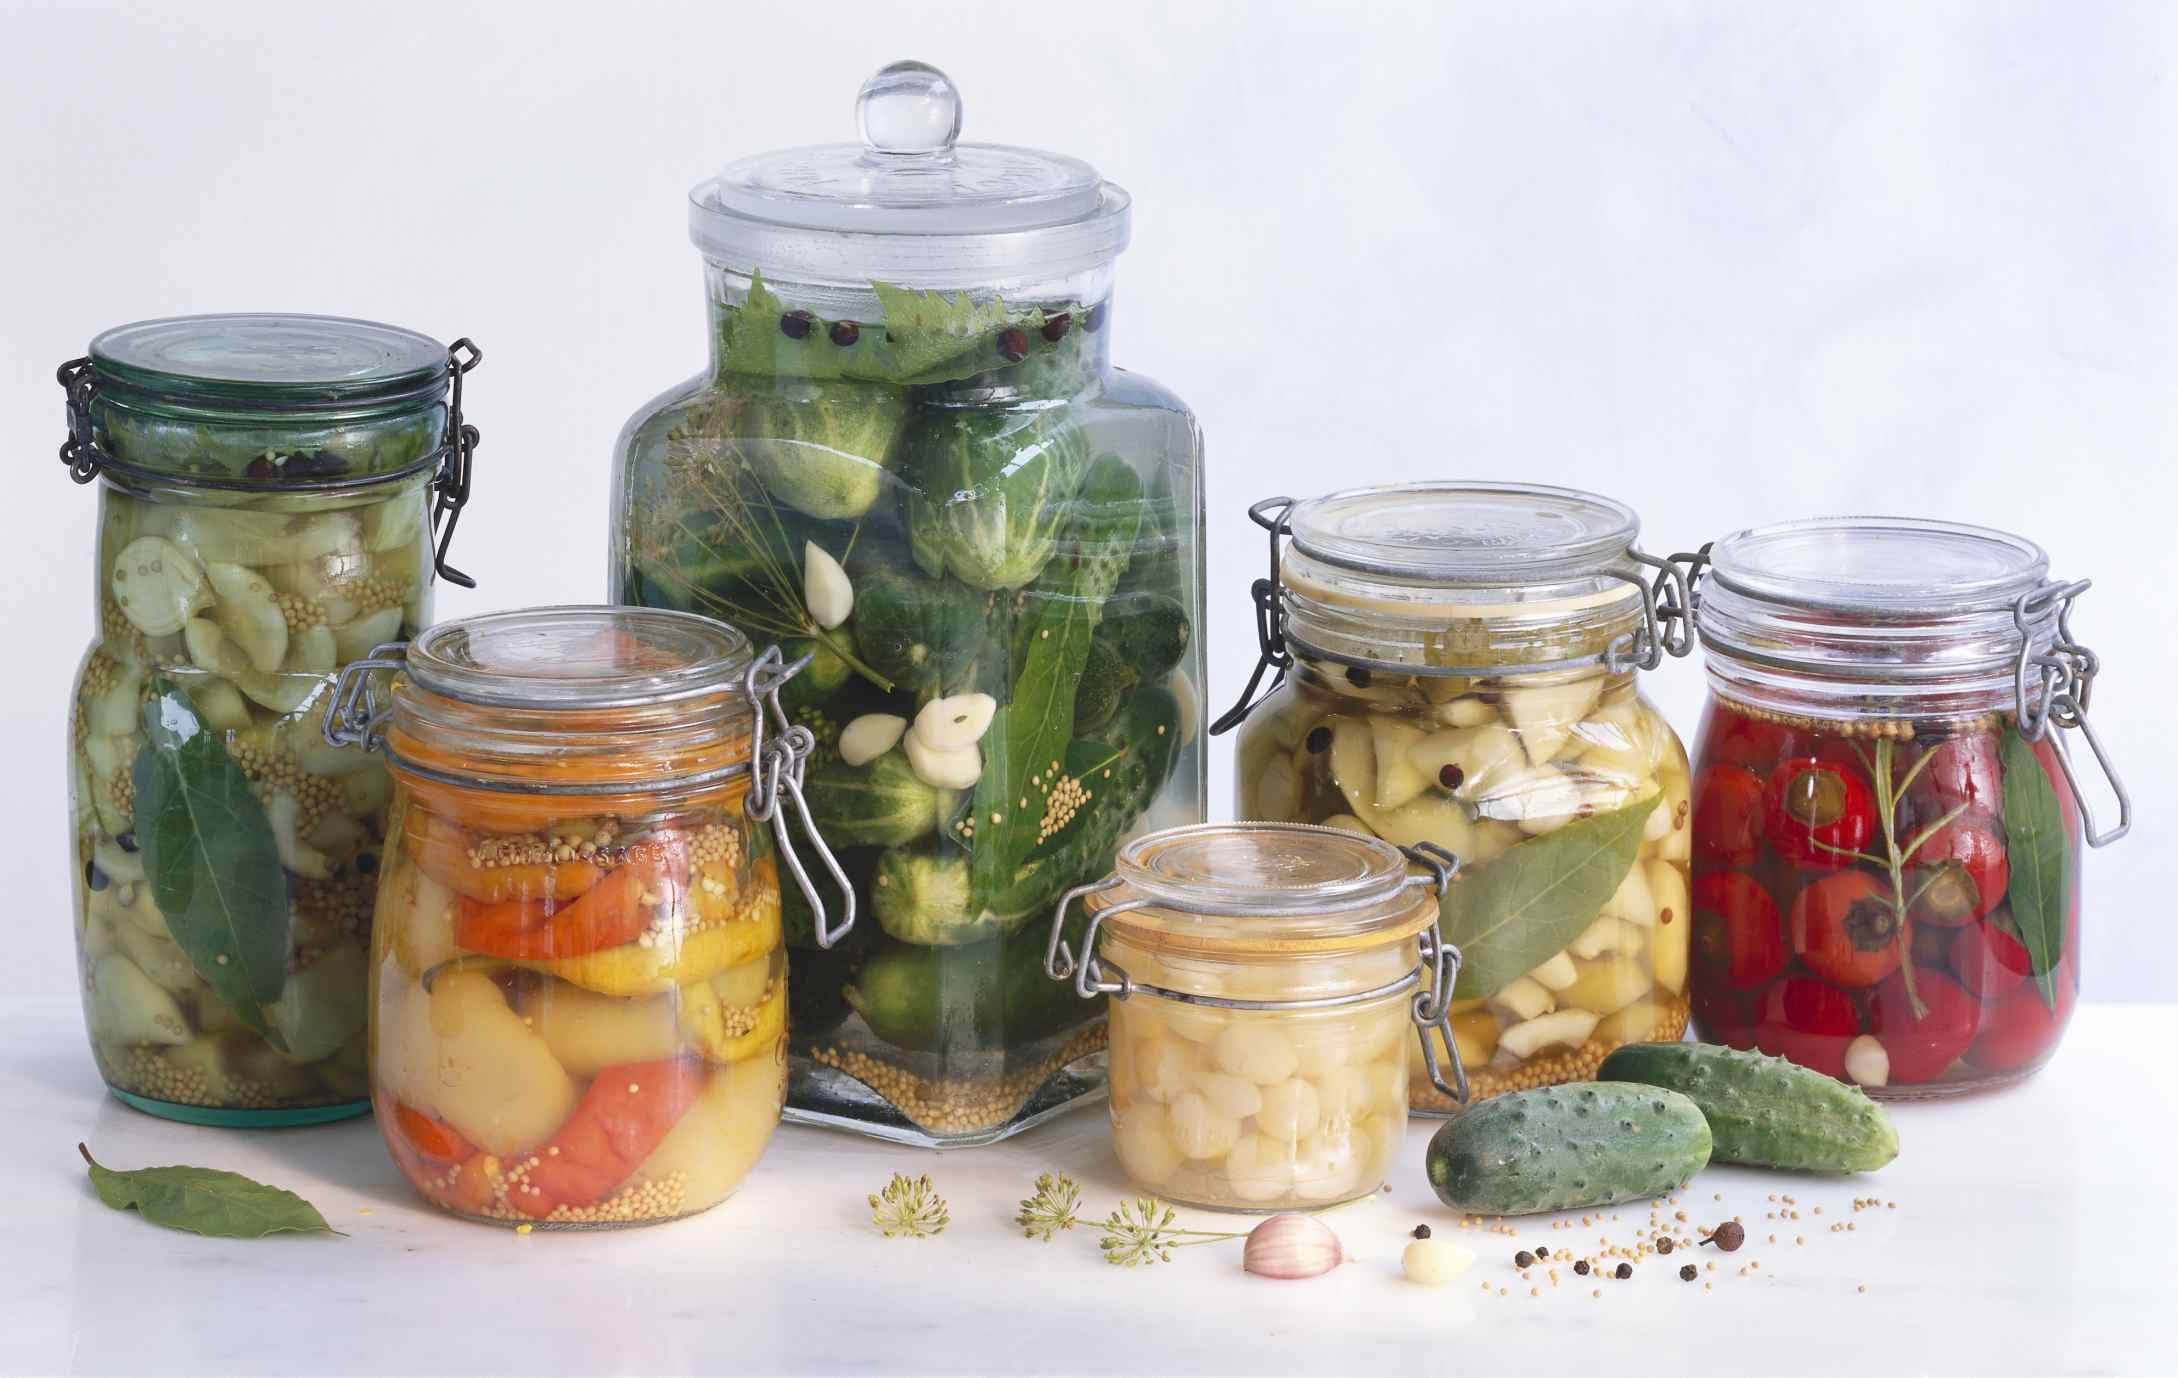 Homemade Vegetable Pickles